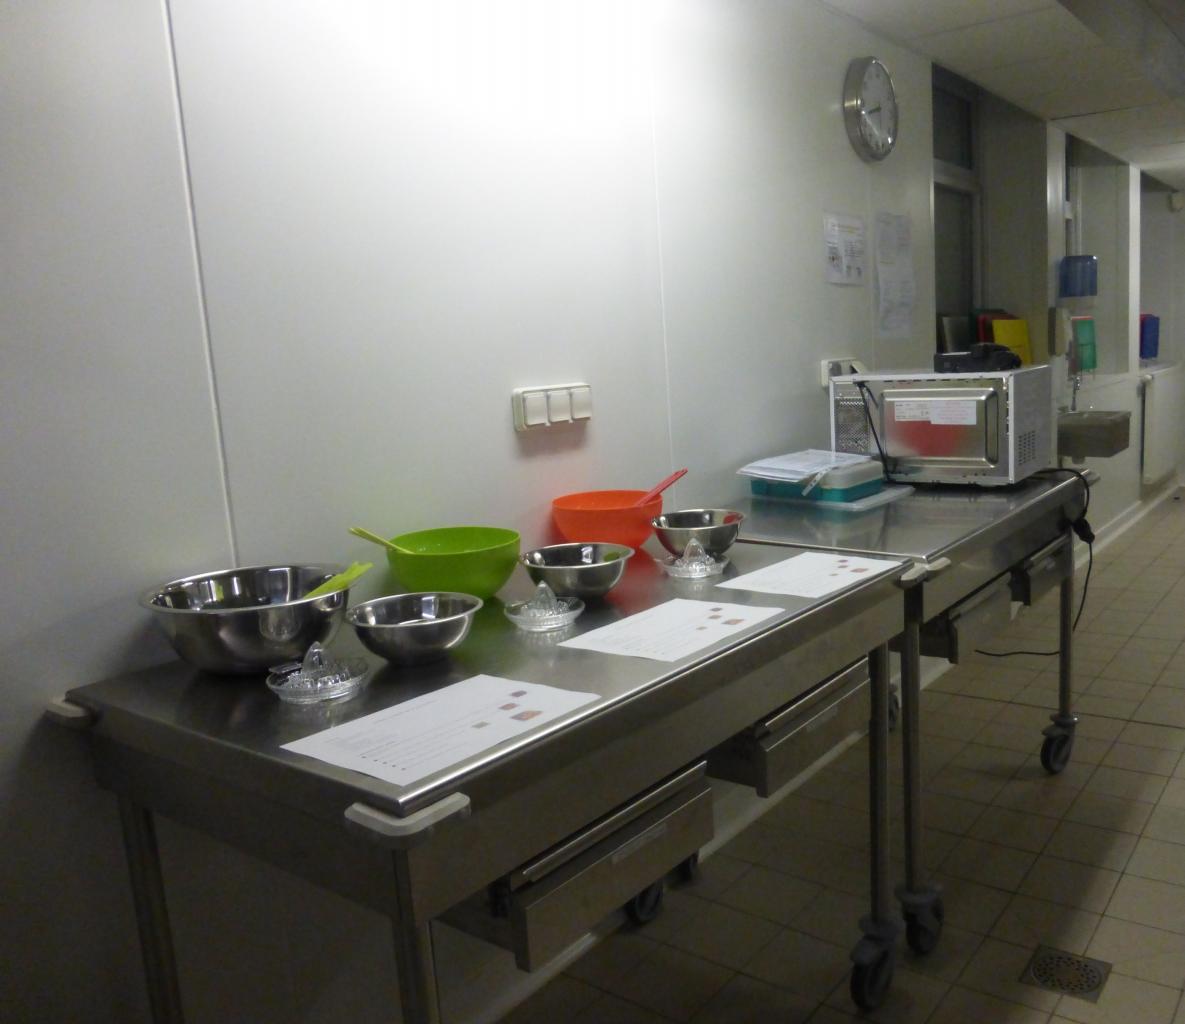 Semaine du Goût : confections dans une cuisine pédagogique